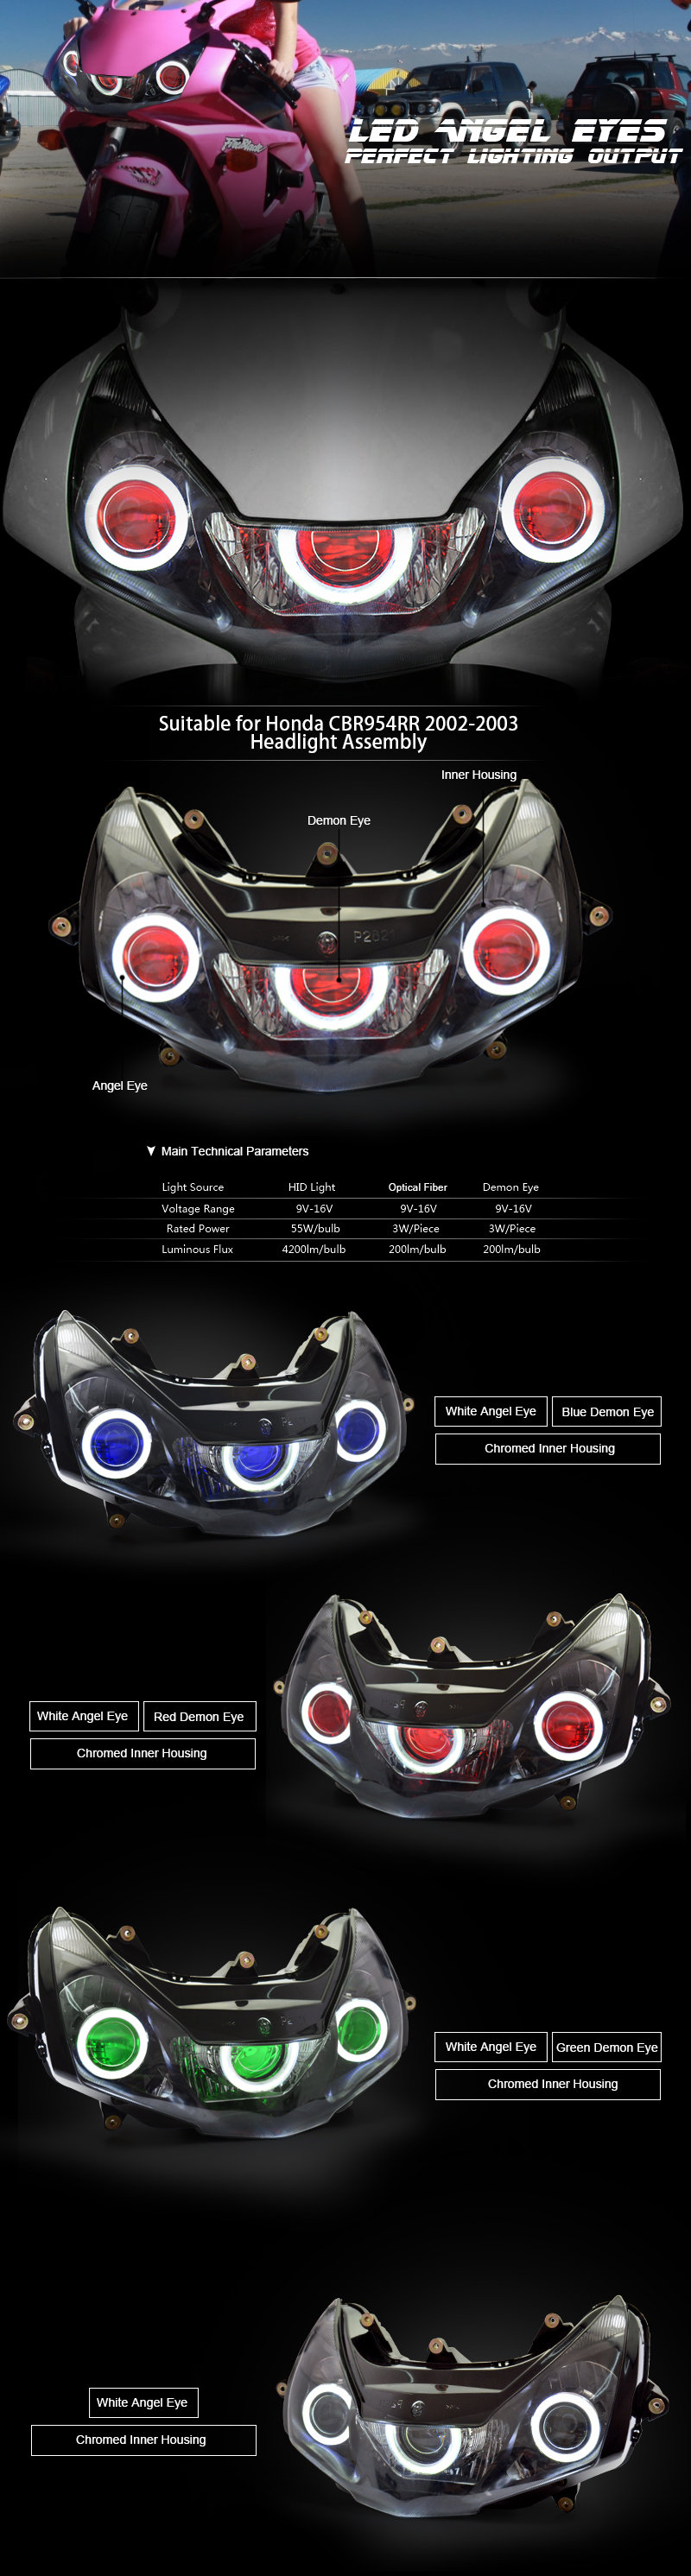 Honda CBR954R Headlight 2002 2003